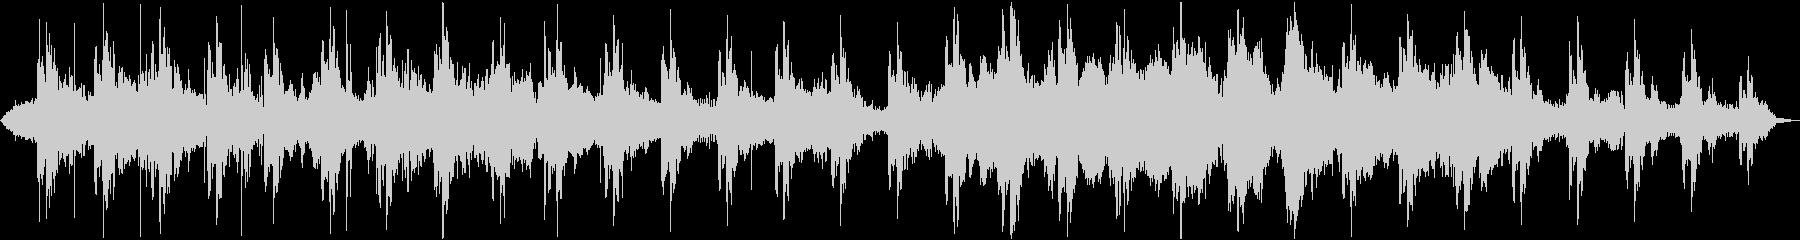 温かい音色のループとサウンドエフェクトの未再生の波形